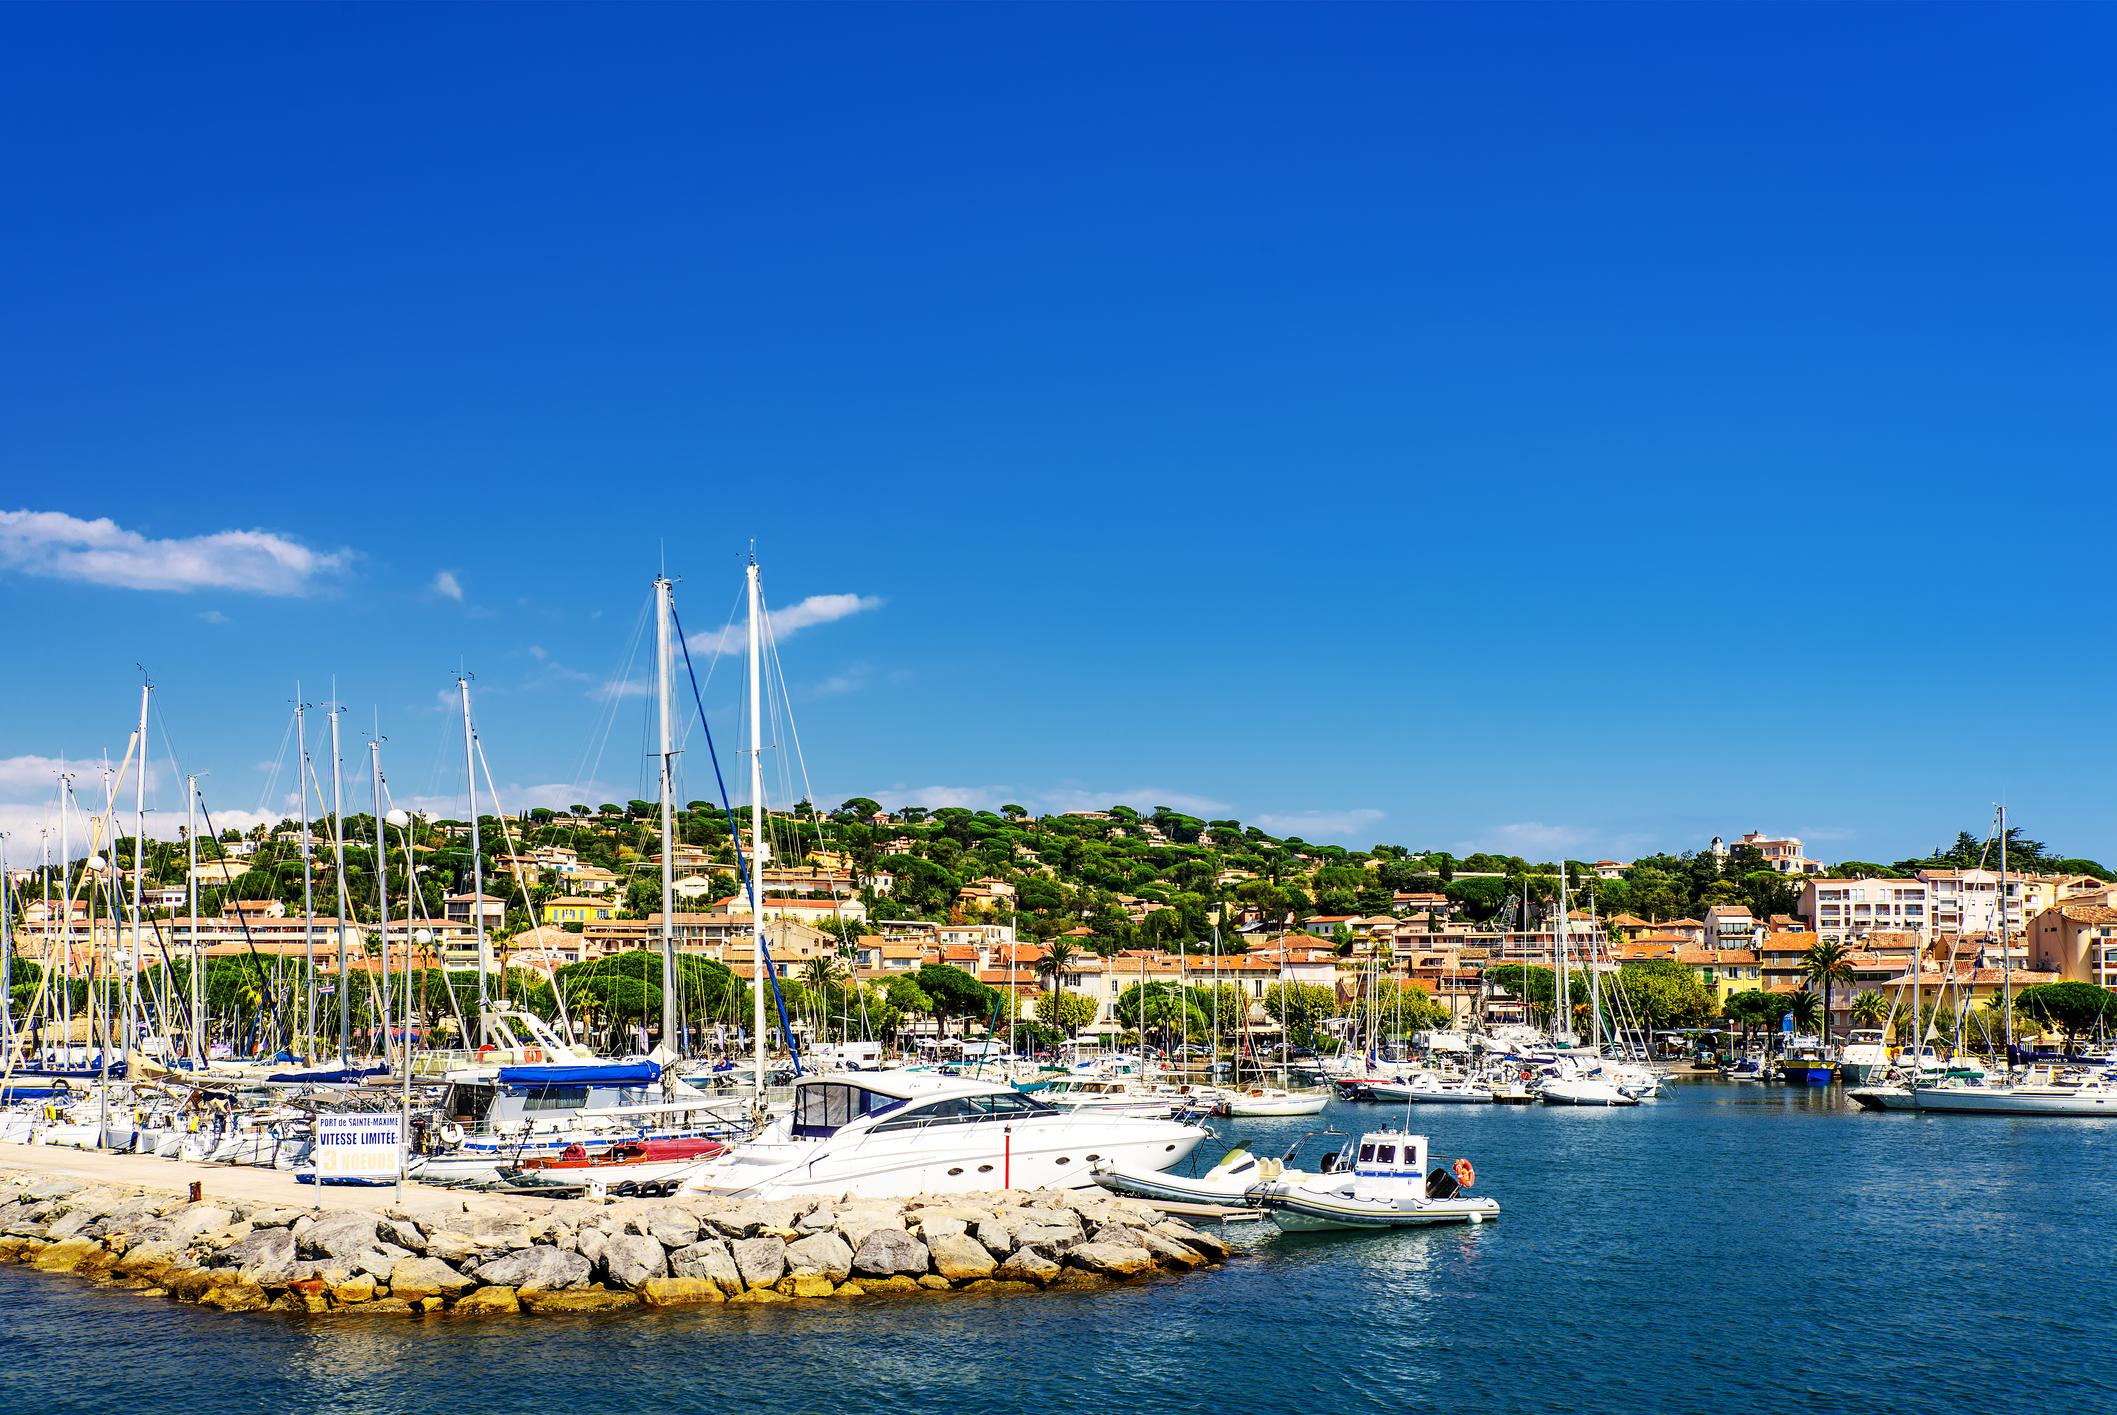 Челната десятка се завършва с френския курорт, разположен на Лазурния бряг, Сен Максим.